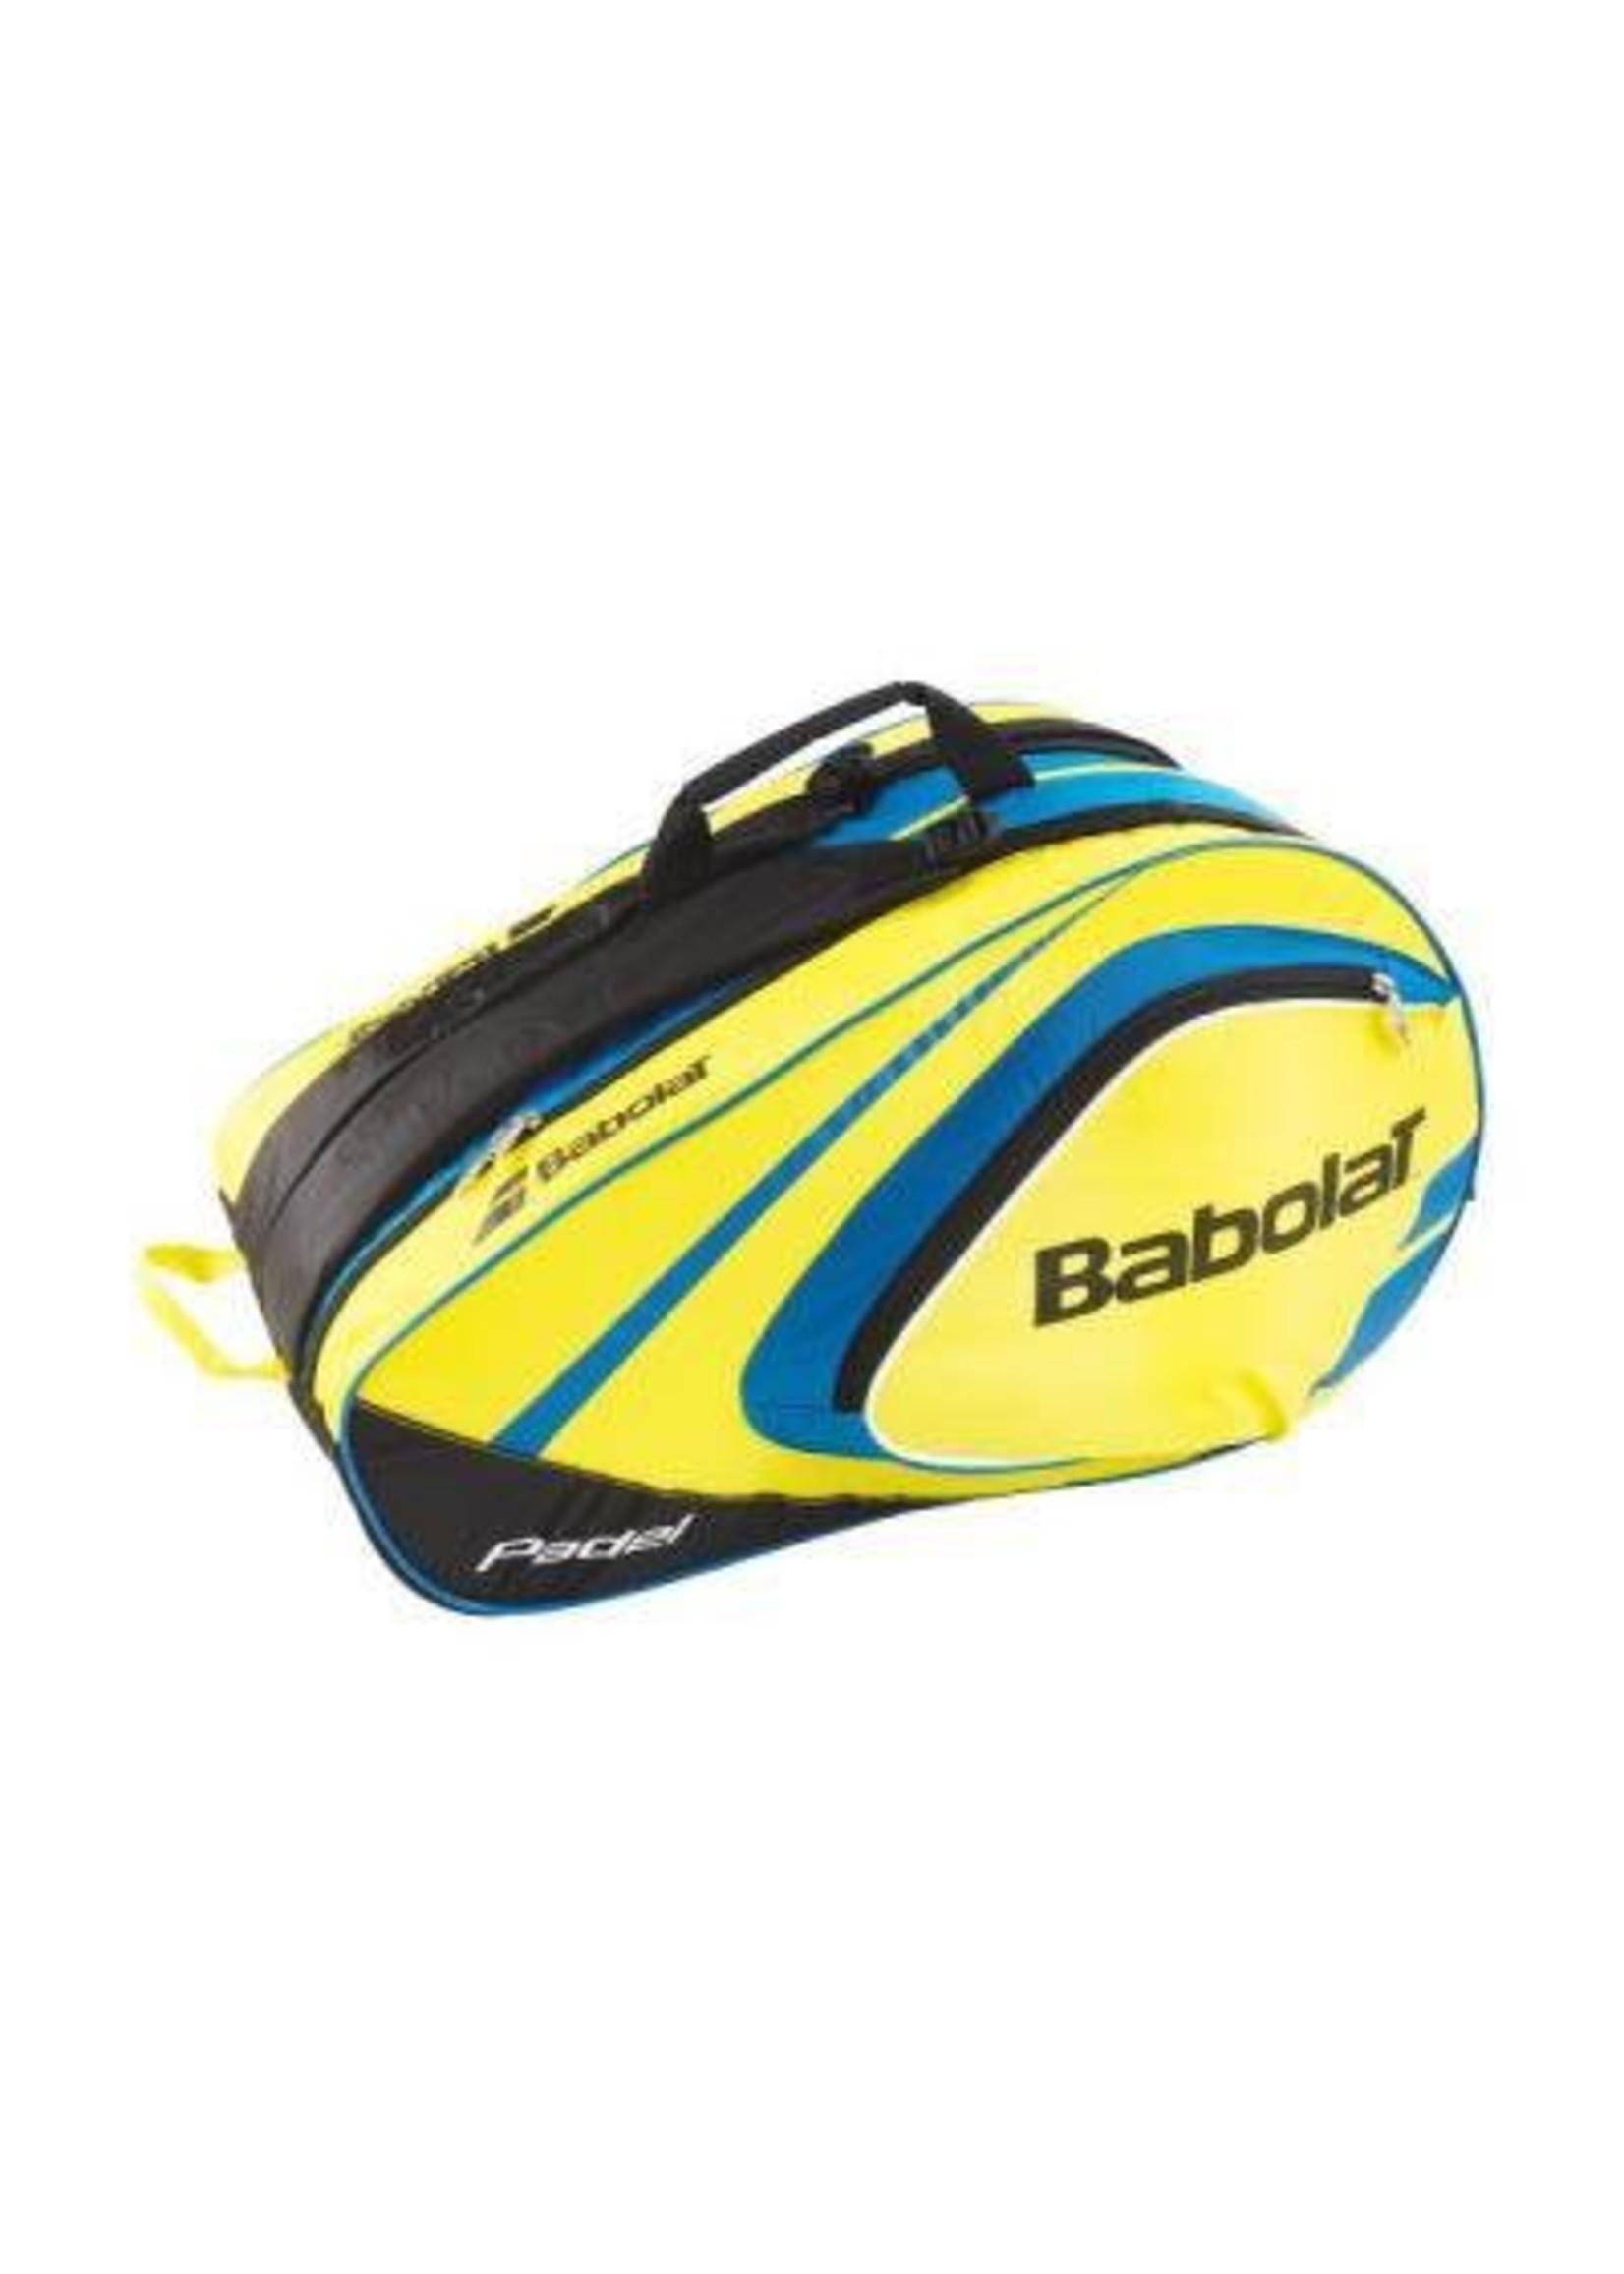 Babolat Babolat Club Padel Bag